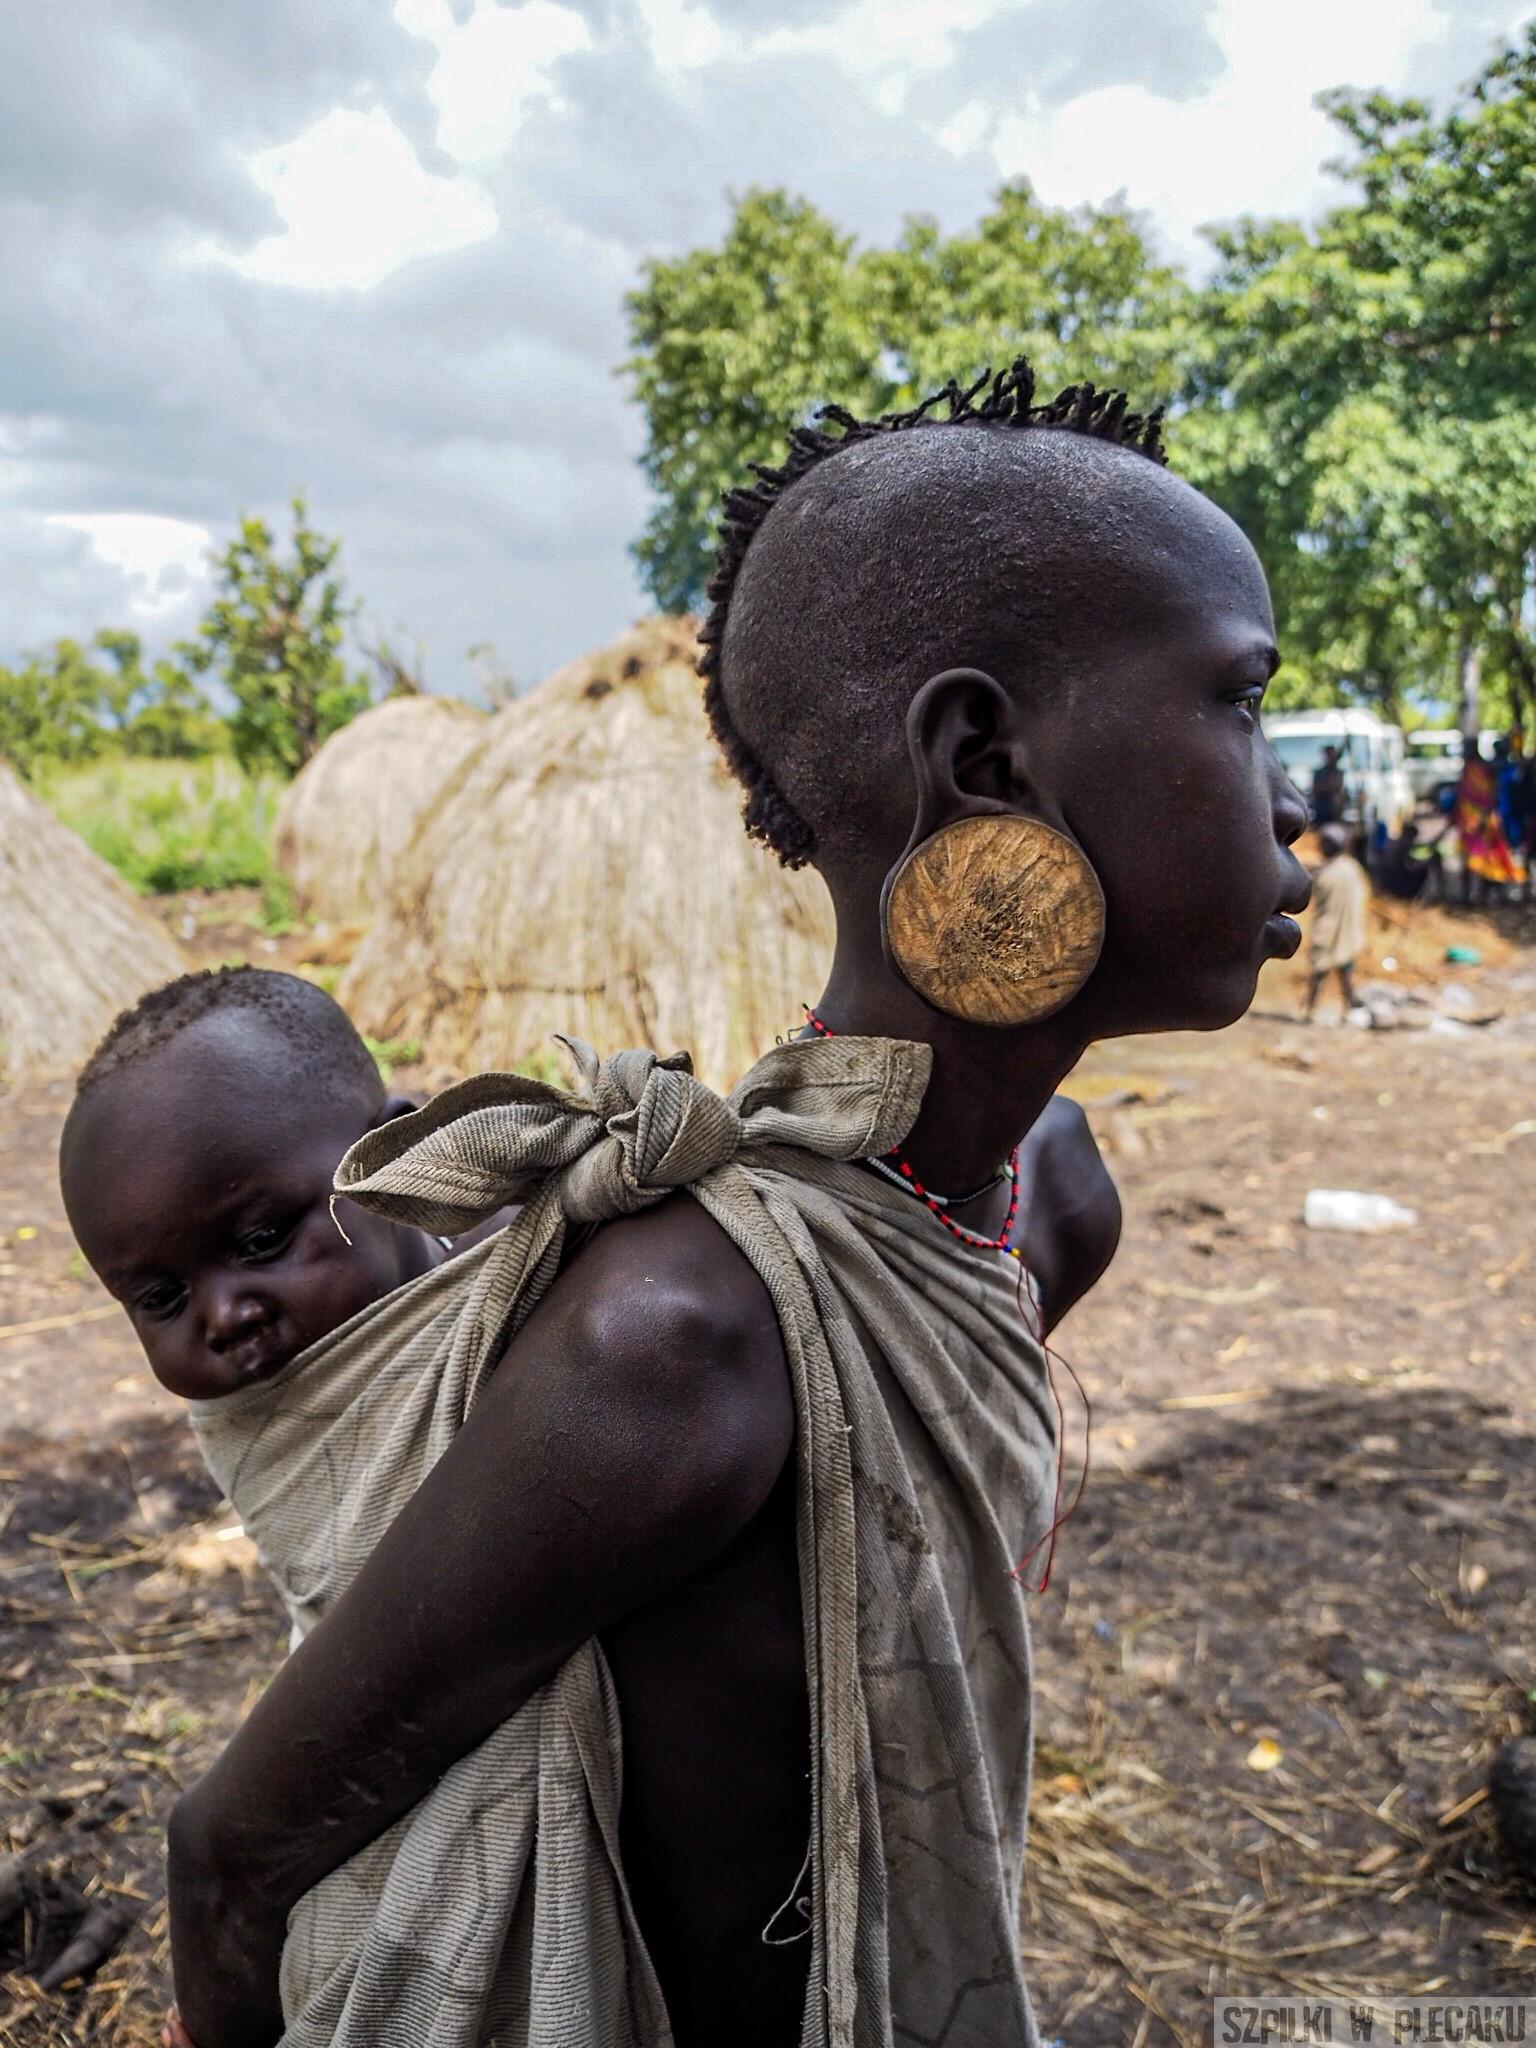 Mursi girl kobieta dziewczynka z dzieckiem - plemiona Etiopii - Szpilki w plecaku